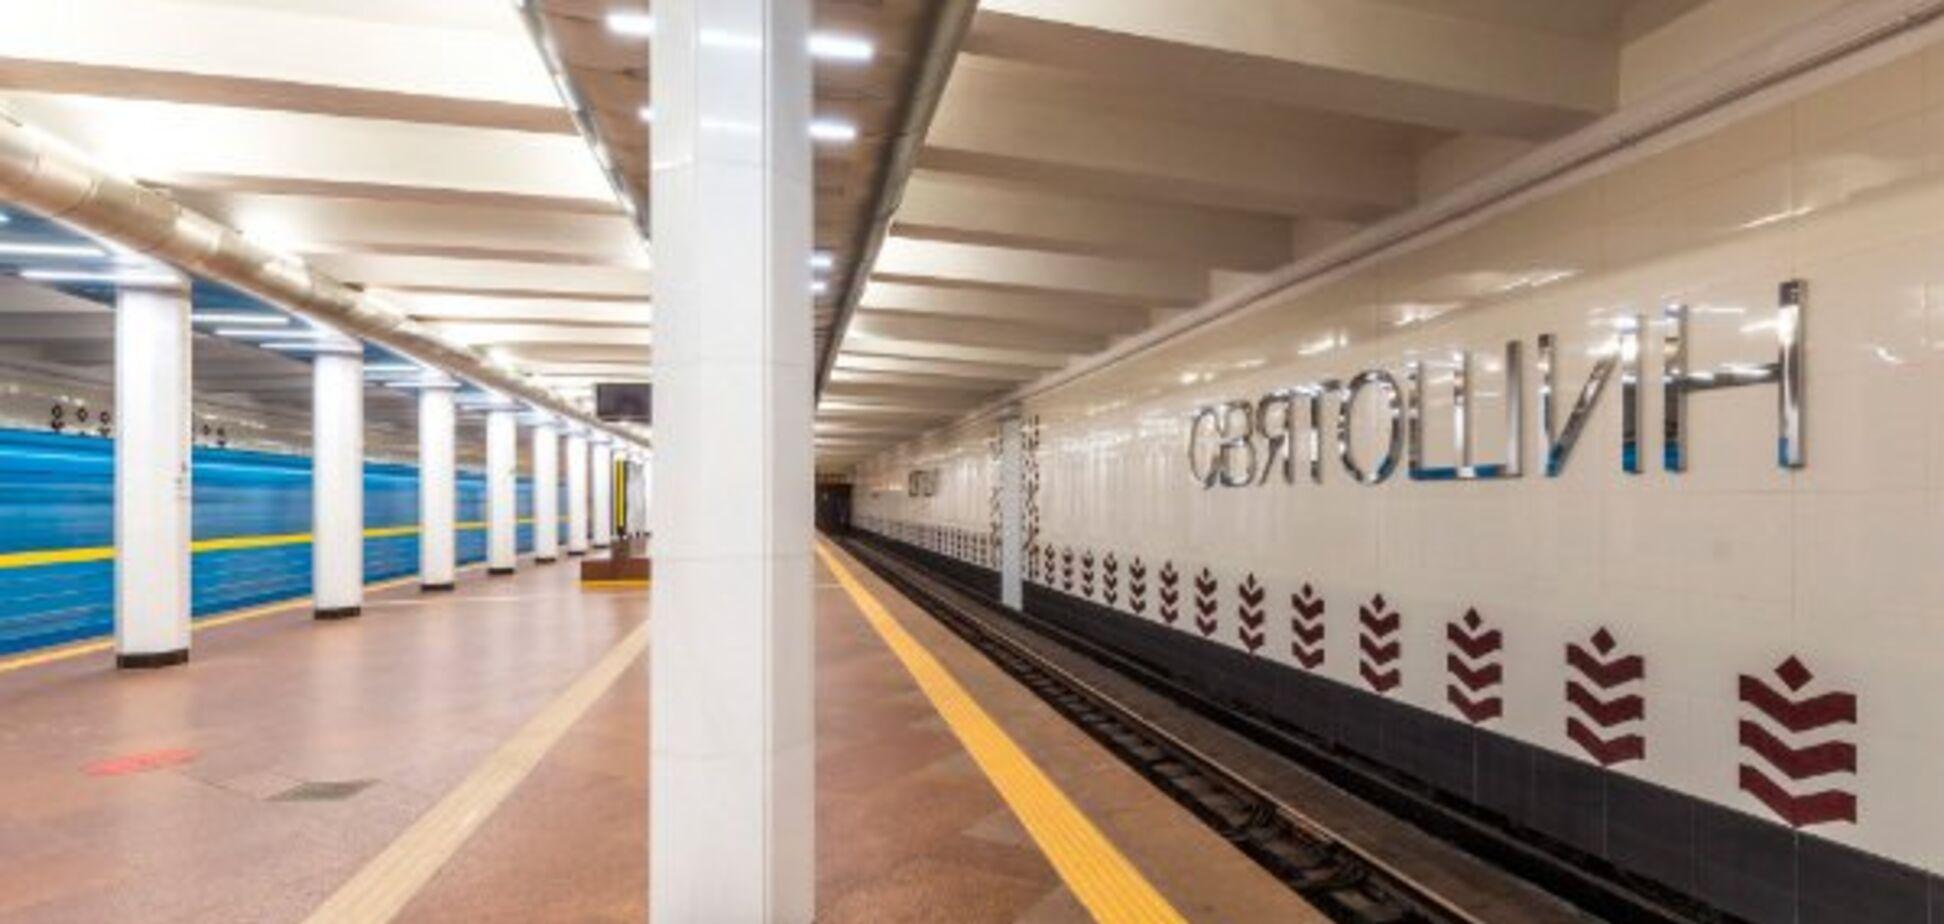 У Києві кардинально відремонтували станцію метро: фото до і після